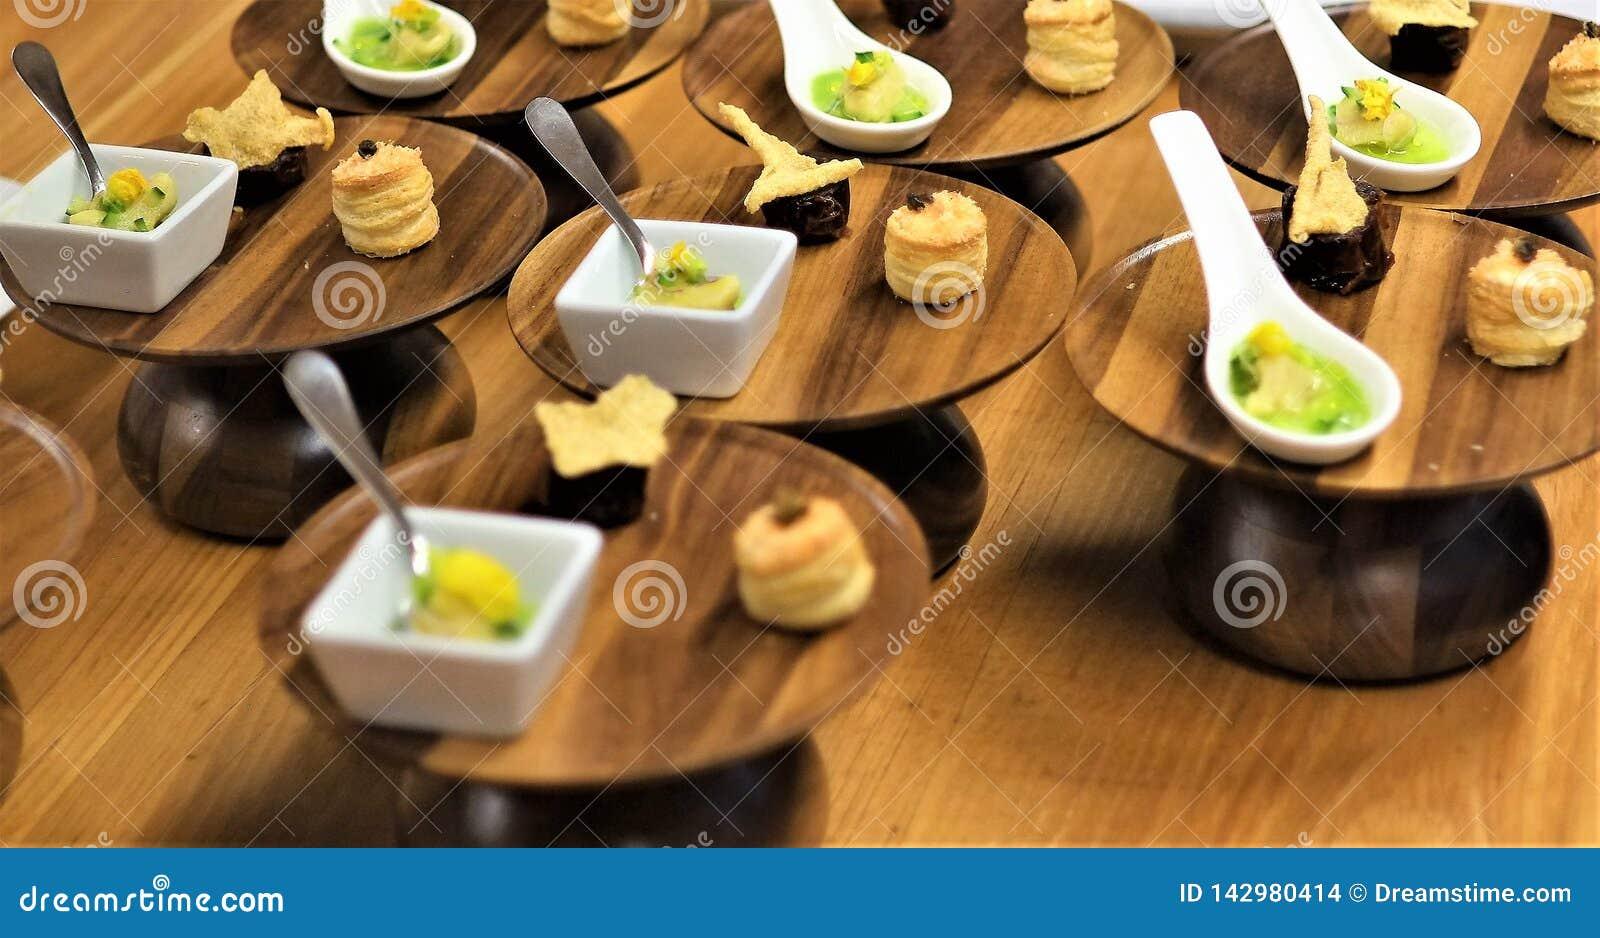 Λεπτές να δειπνήσει σταθερές μεμονωμένες μερίδες επιλογών